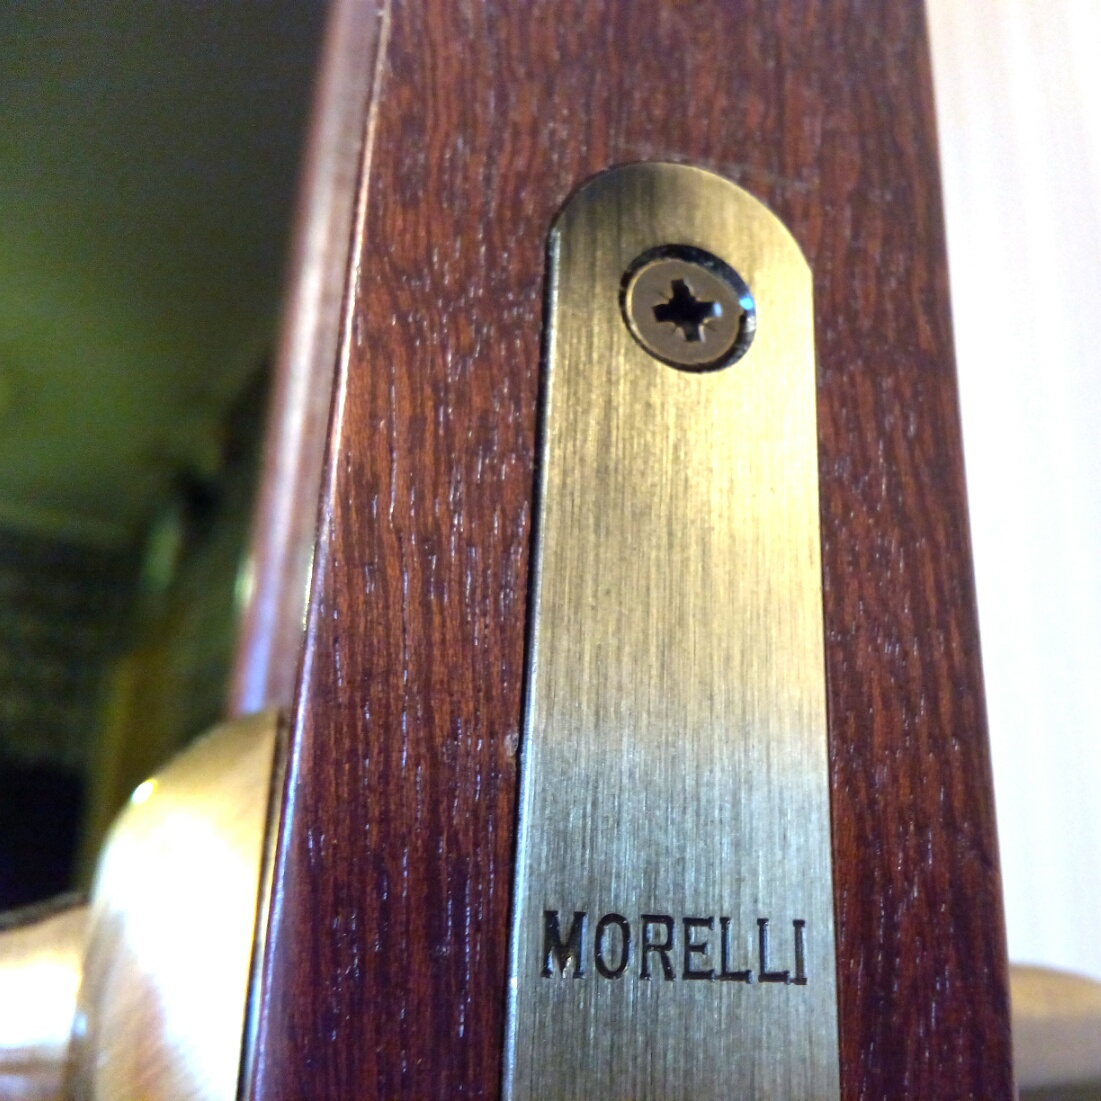 Качественный инструмент позволяет качественно врезать фурнитуру в двери. На фото - врезка замка